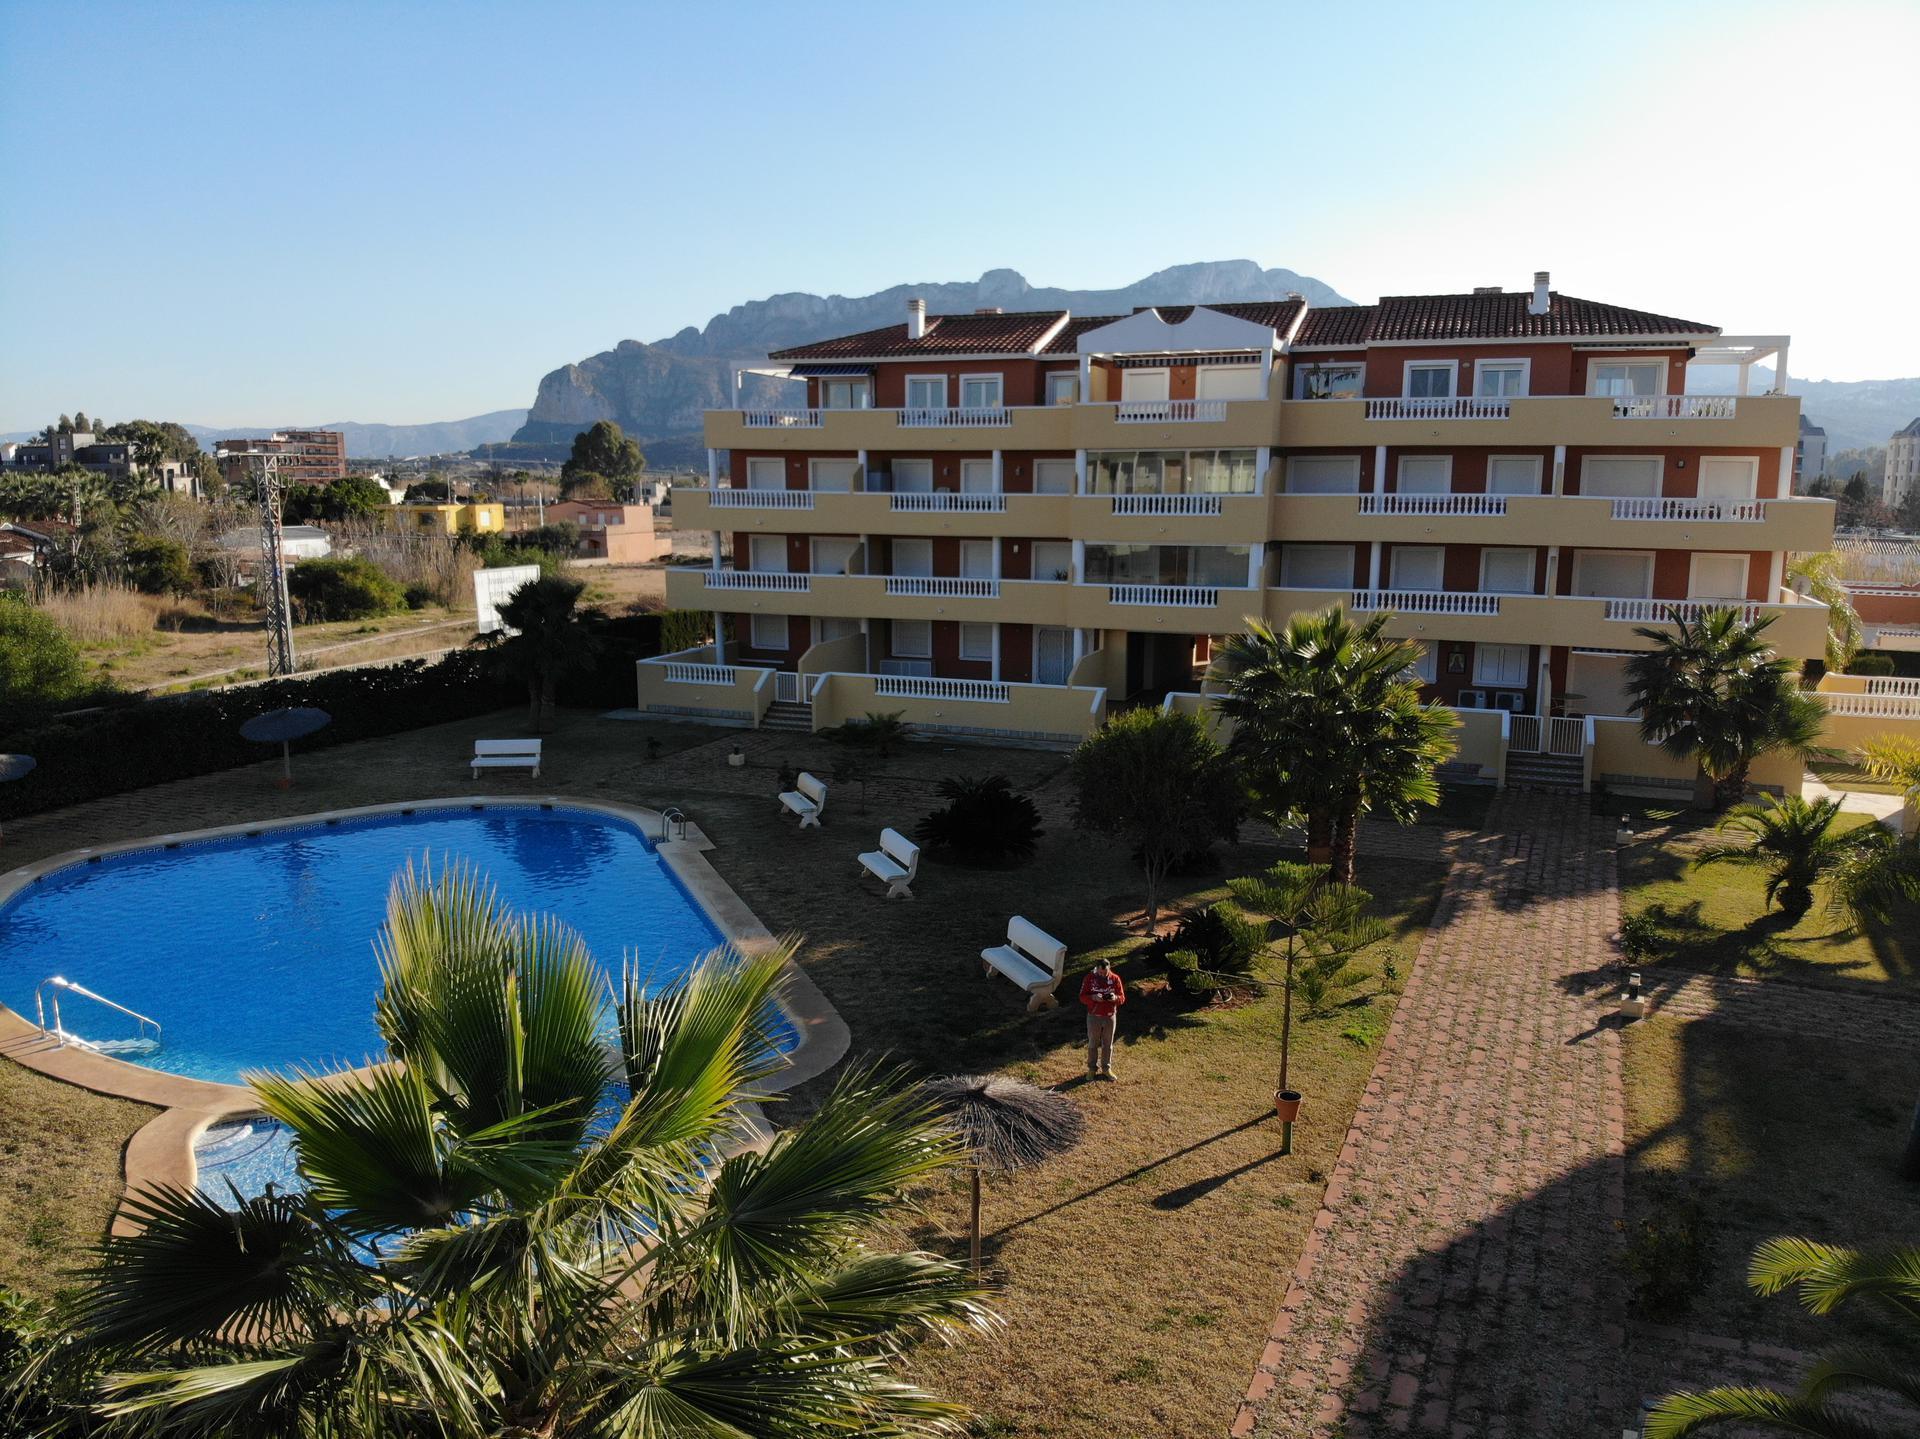 Apartamento -                                       Denia -                                       2 dormitorios -                                       6 ocupantes